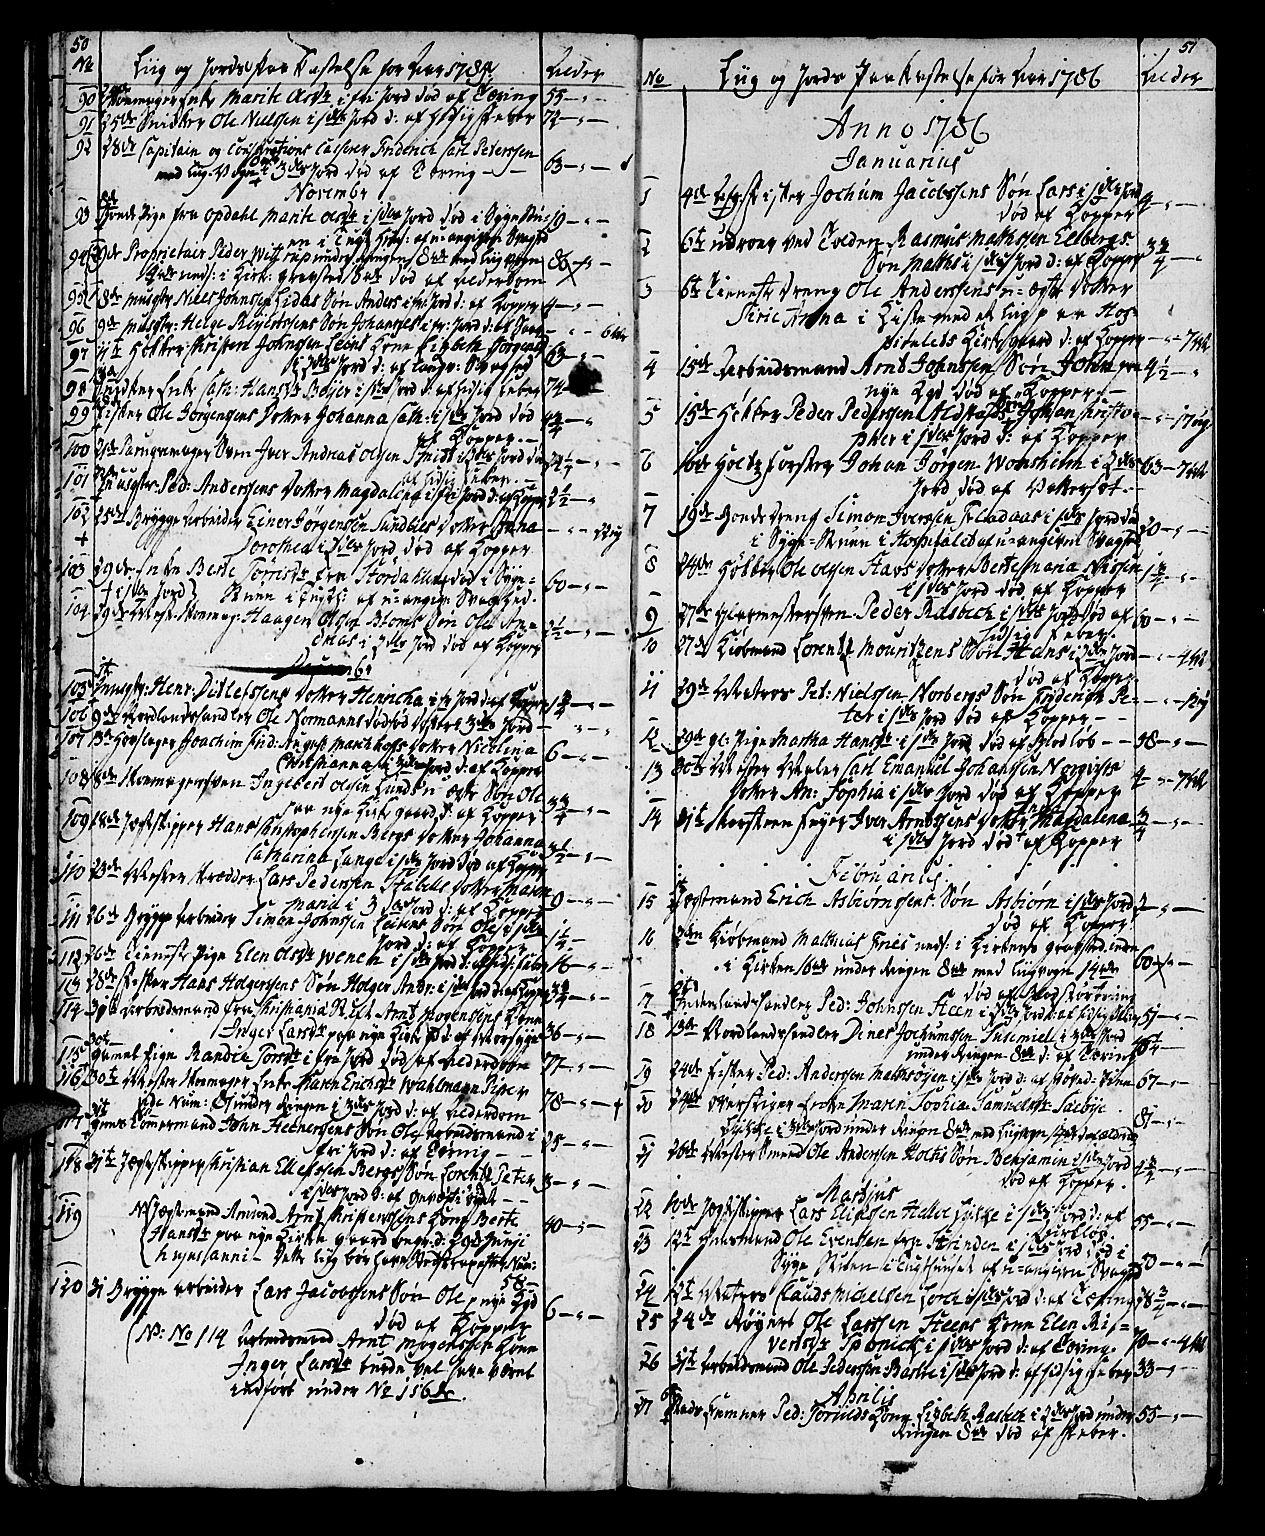 SAT, Ministerialprotokoller, klokkerbøker og fødselsregistre - Sør-Trøndelag, 602/L0134: Klokkerbok nr. 602C02, 1759-1812, s. 50-51